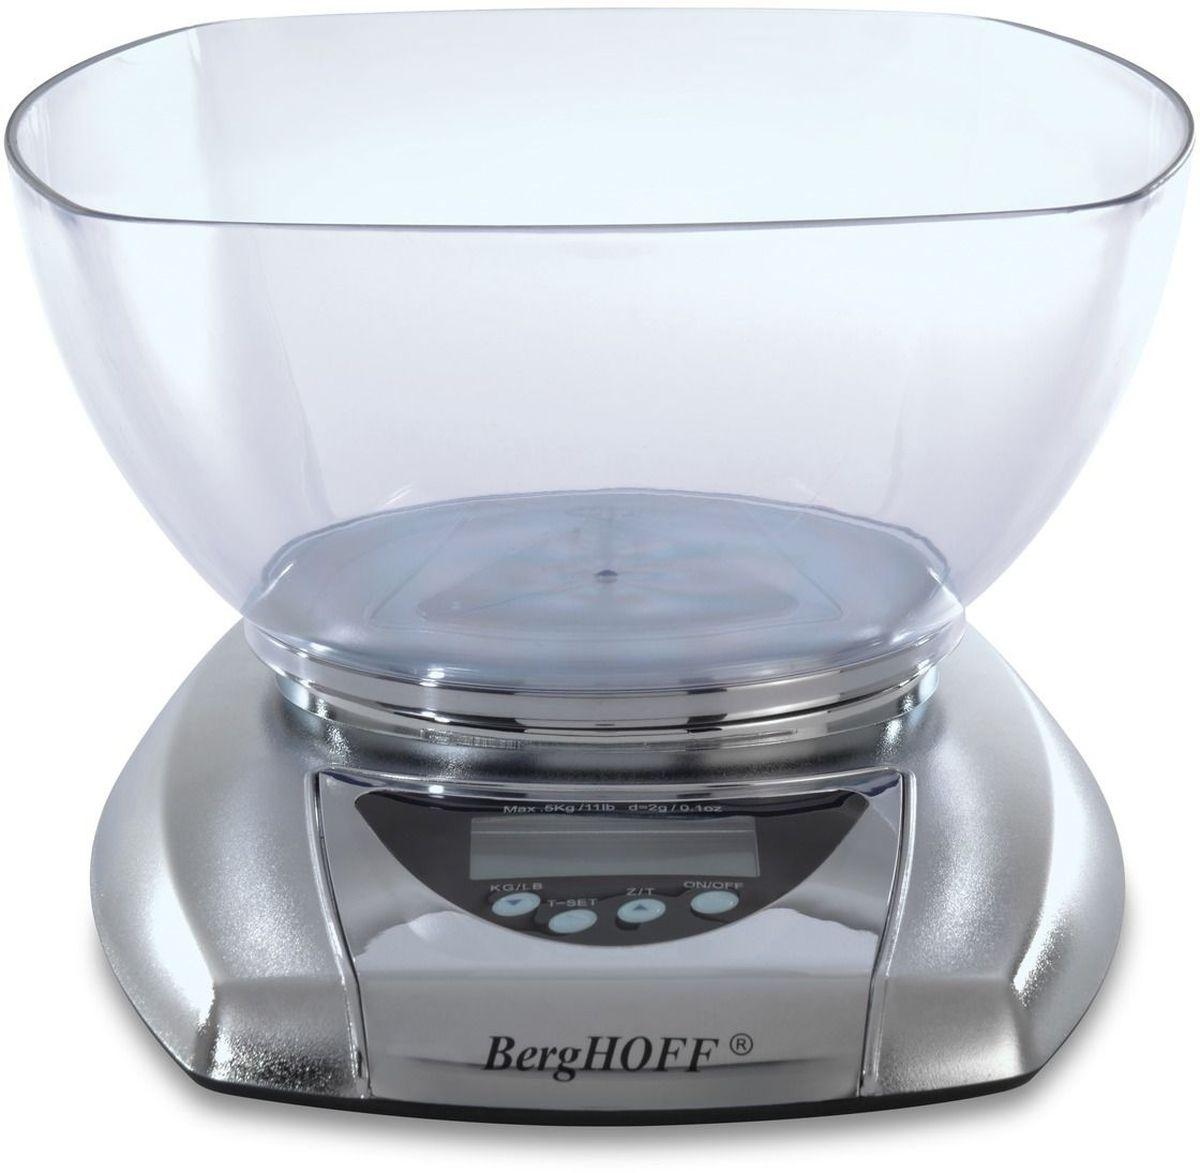 Весы кухонные BergHOFF Studio, электронные, с чашей кухонные весы redmond rs 736 полоски